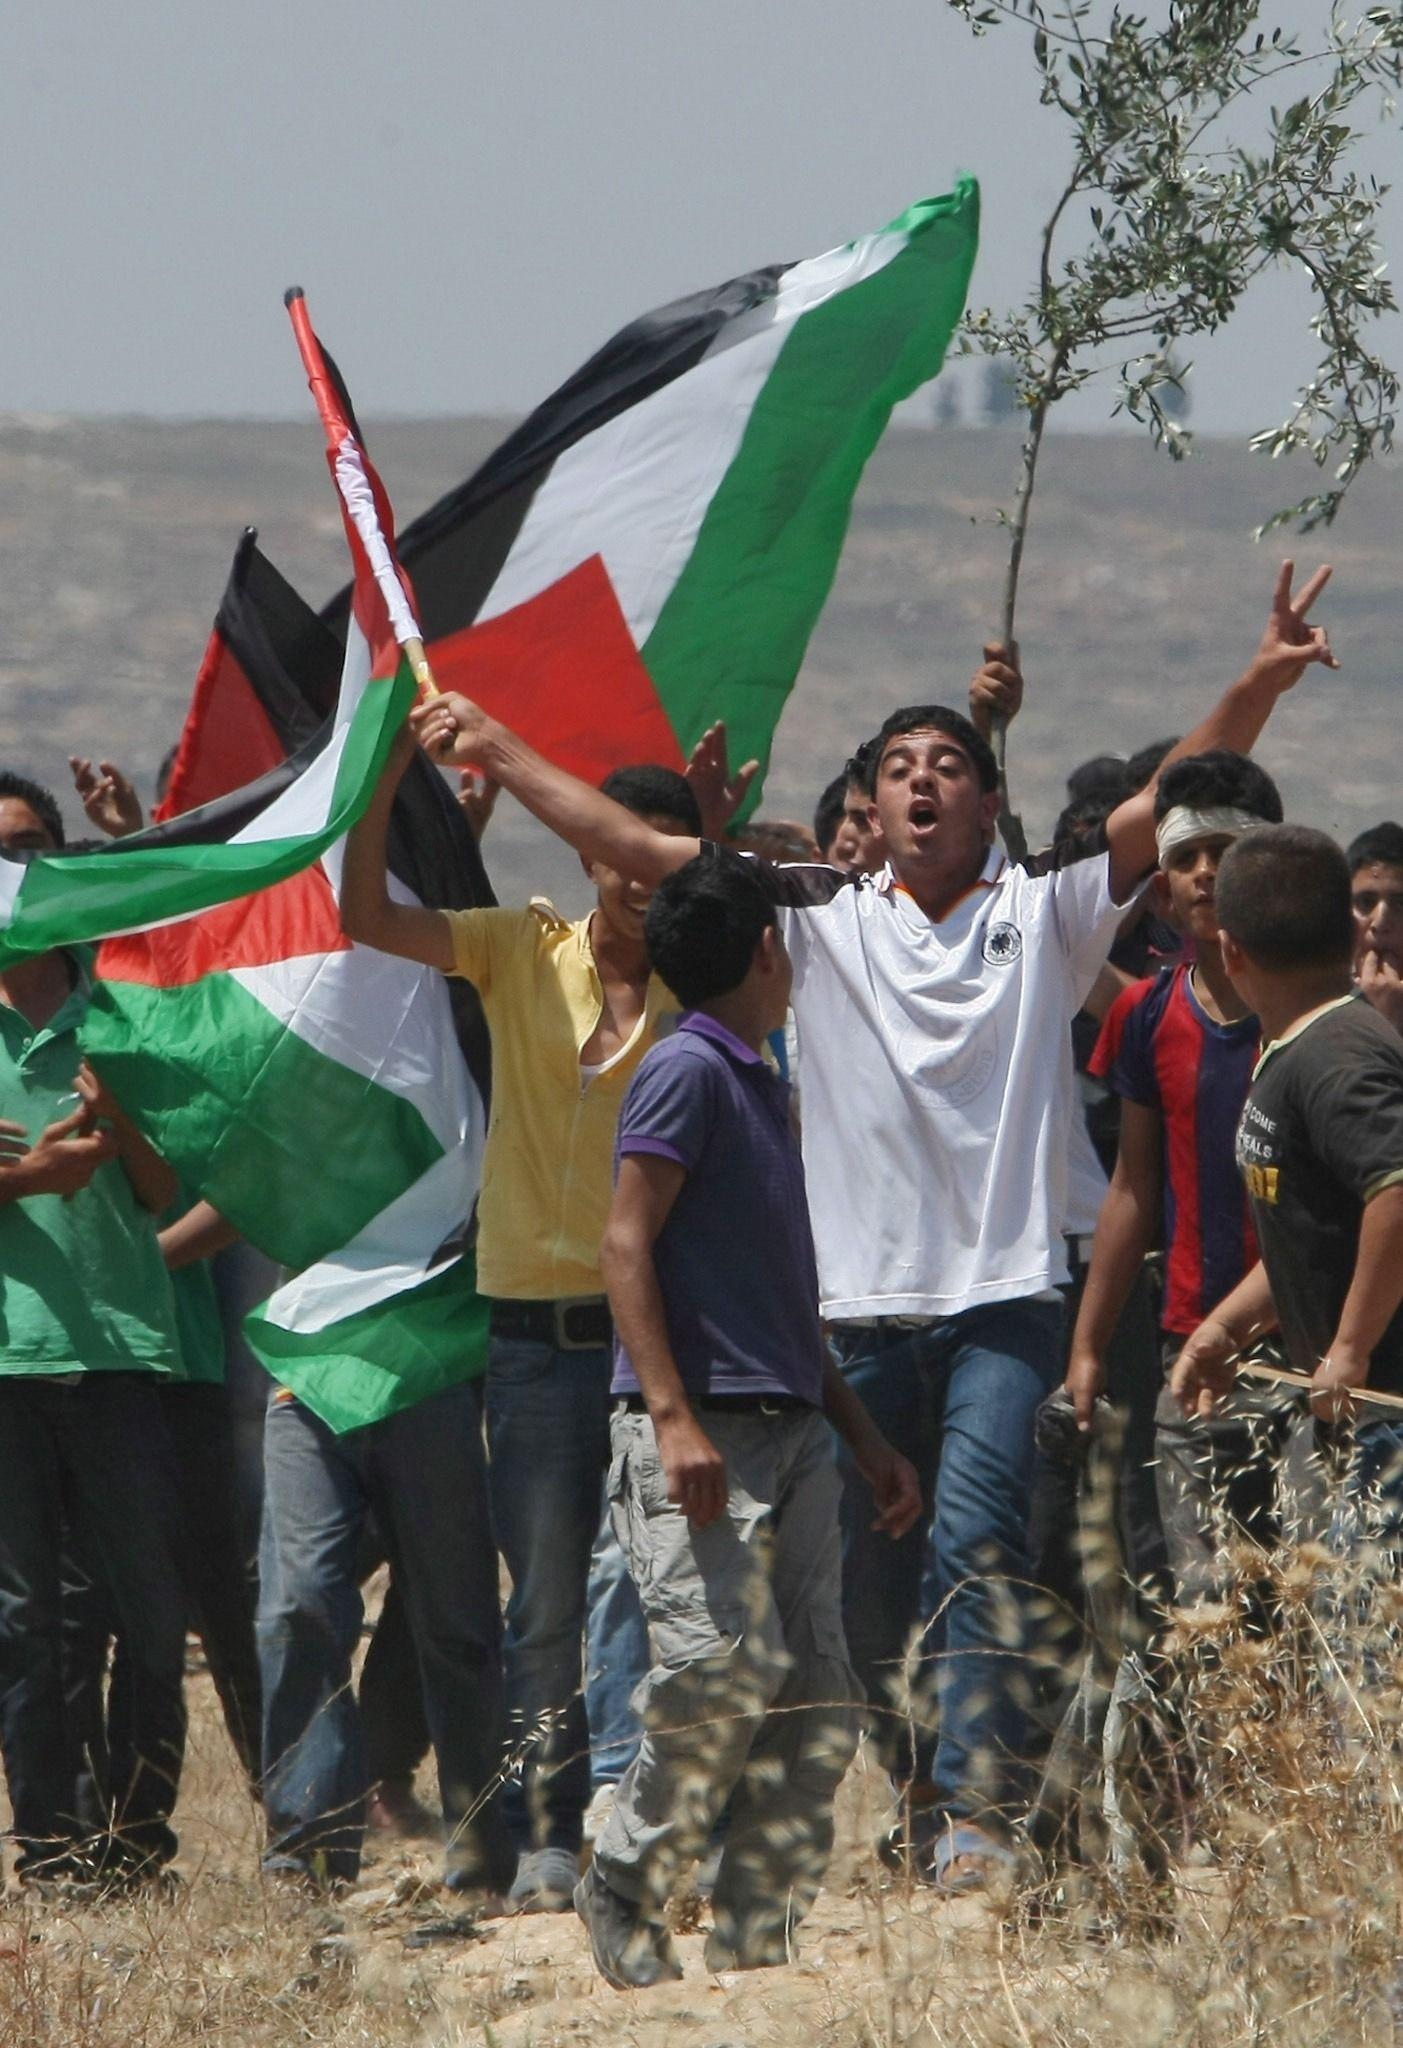 palästinenser schwenken fahnen